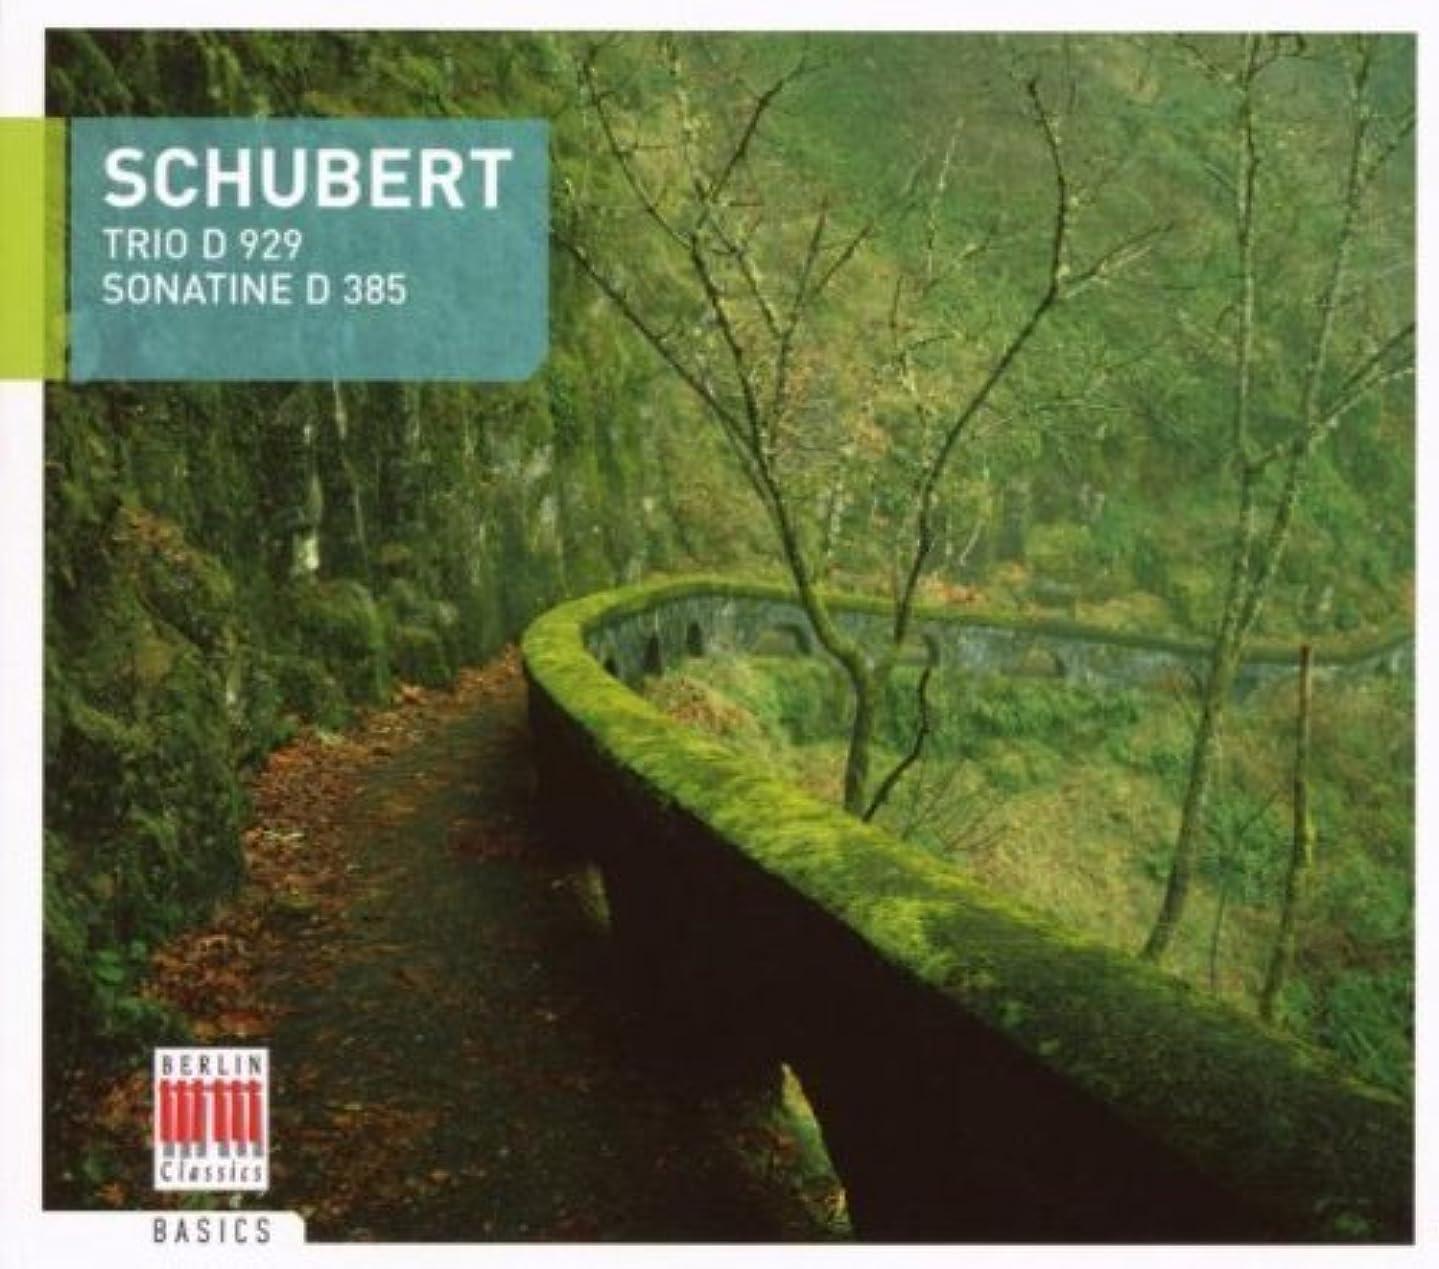 Schubert: Trio, D929; Sonatine, D385 by Schubert (2008-03-04)